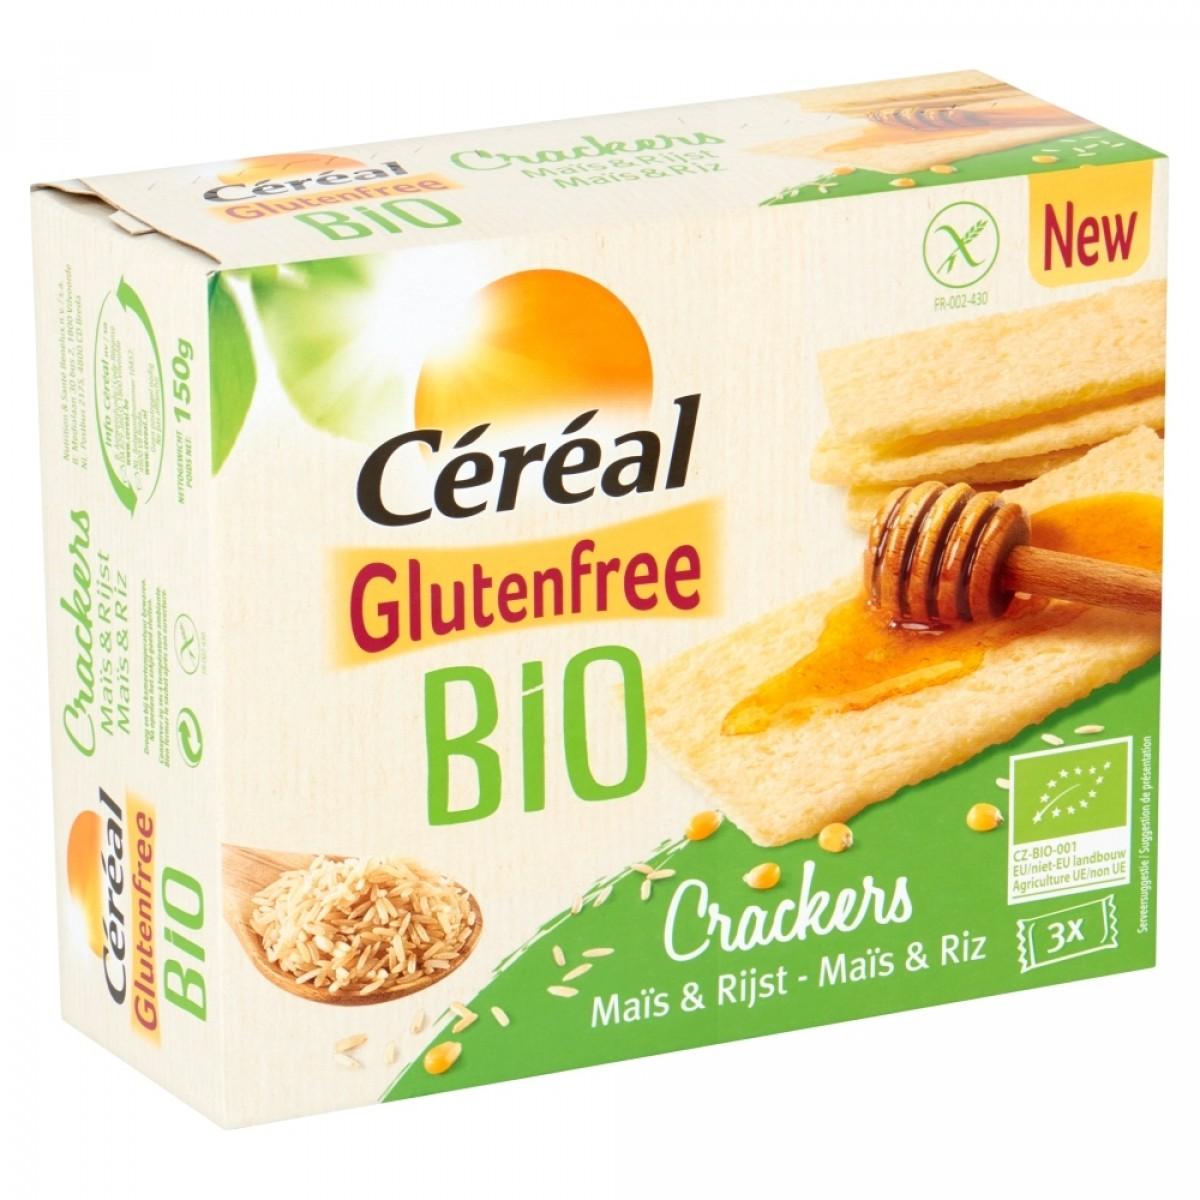 Crackers Mais & Rijst